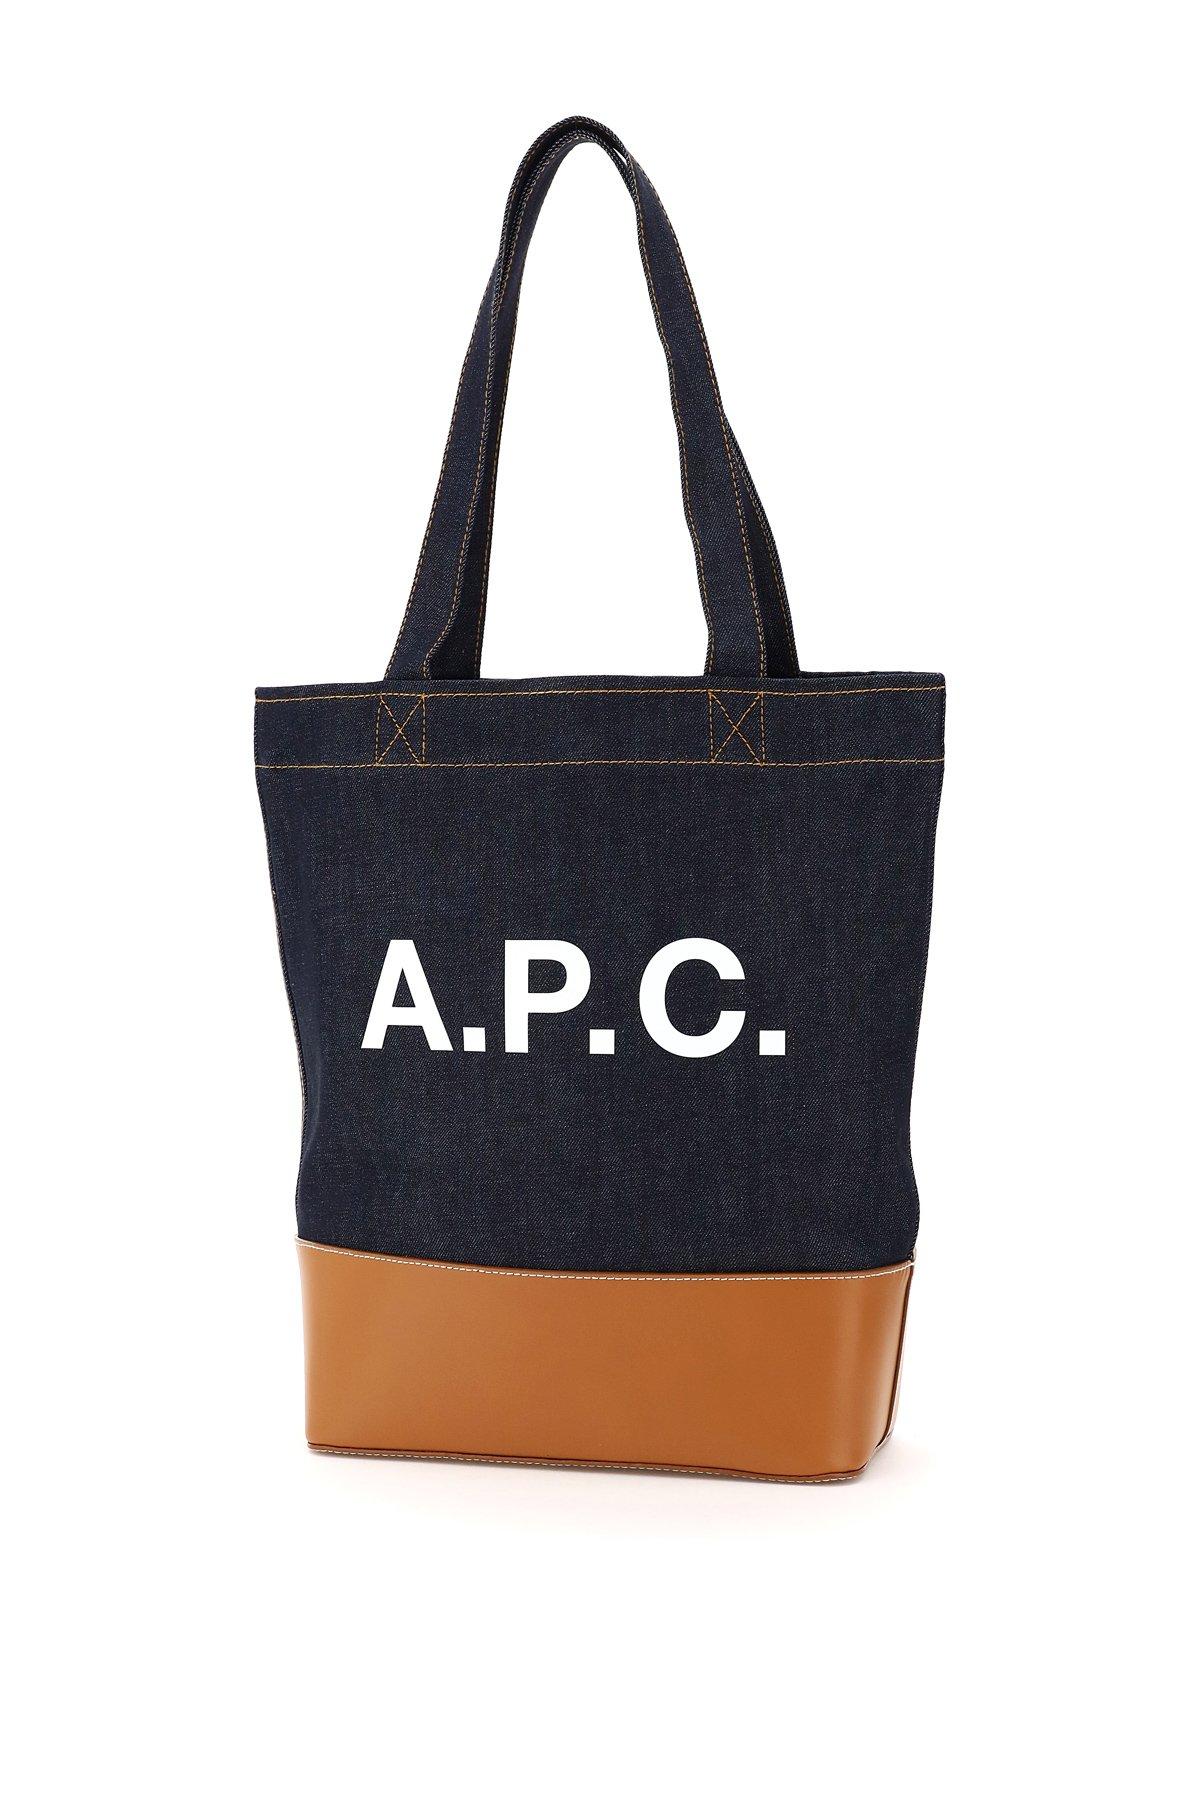 A.p.c. borsa shopper in denim axelle logo